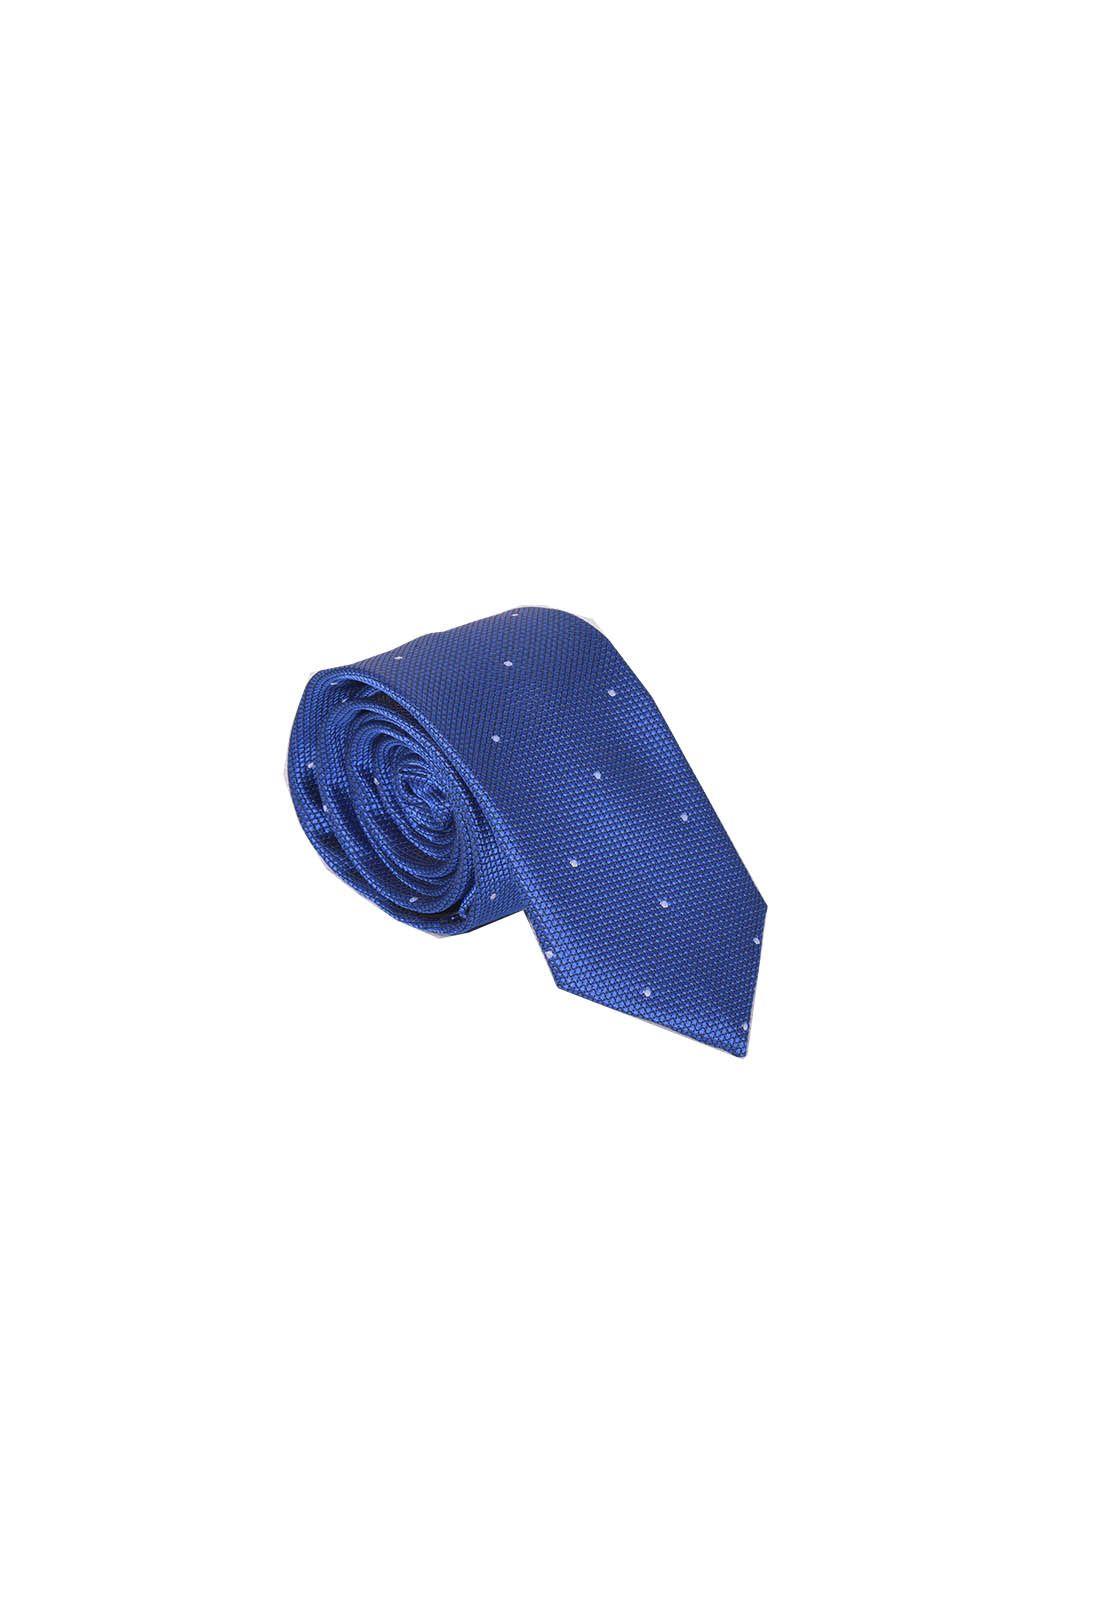 Gravata Masculina Azul com Branco Slim